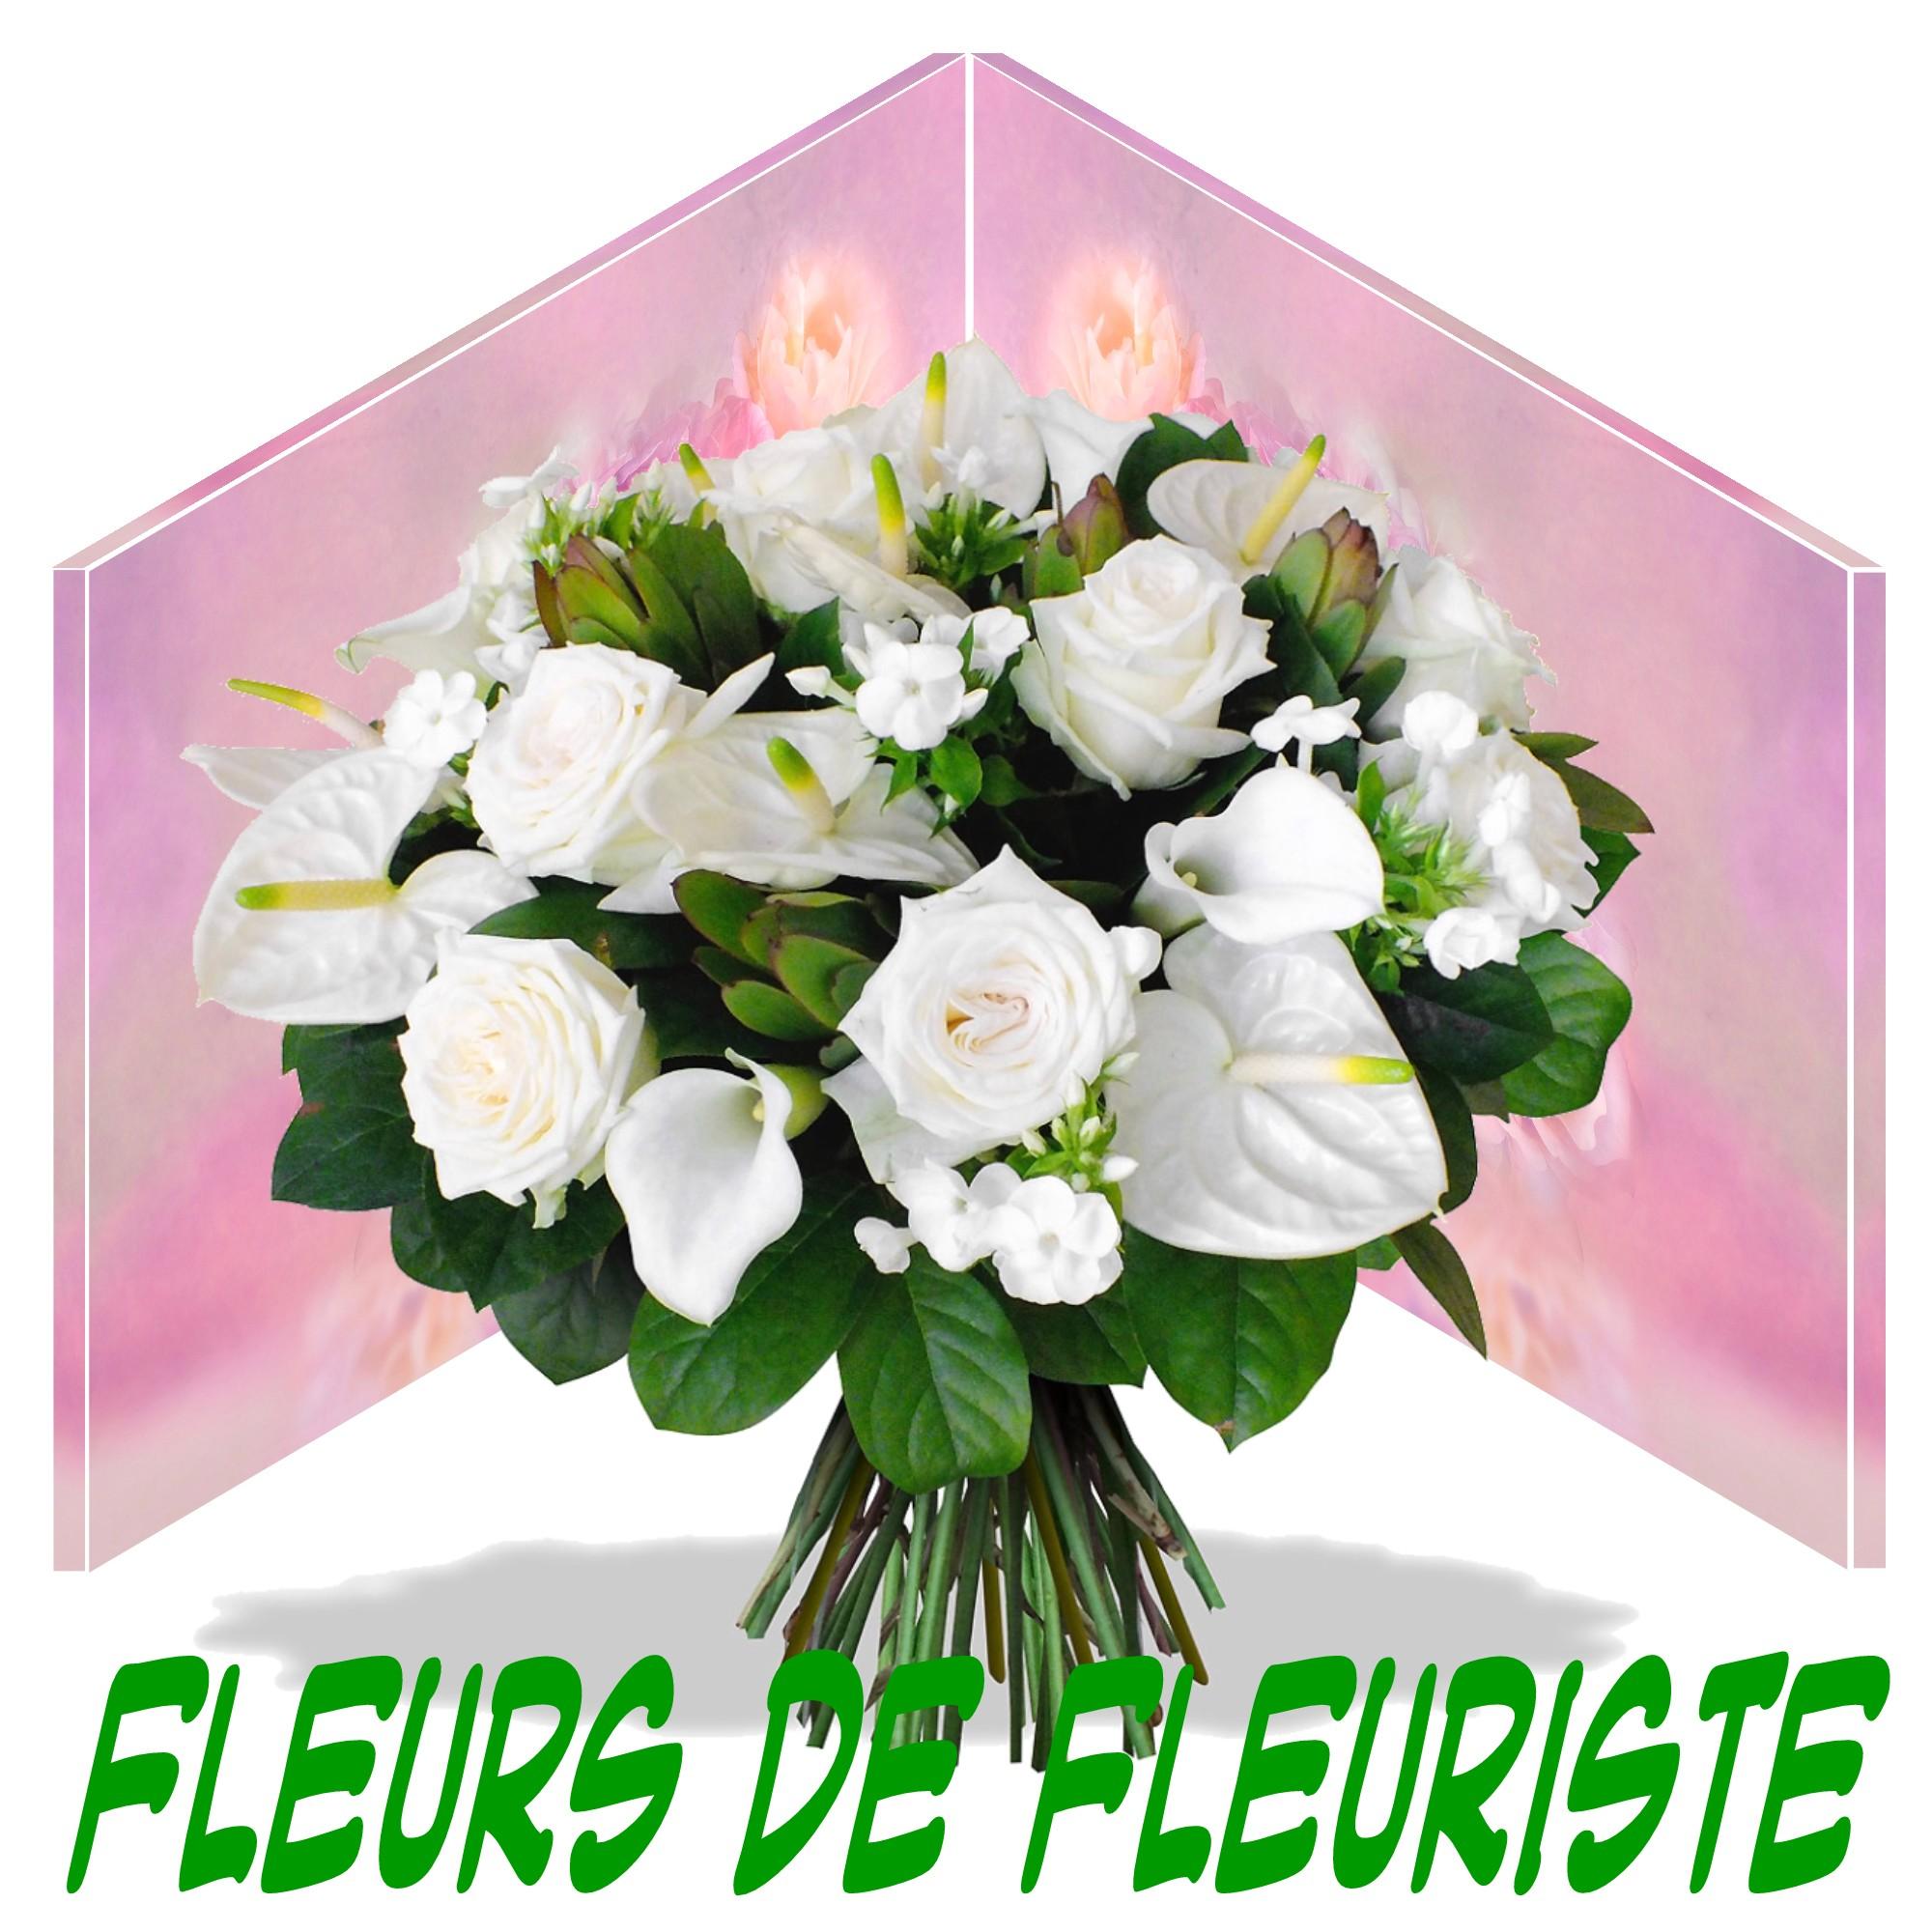 FLEURS POUR LA GUADELOUPE. livraison fleurs Les Abymes, livraison fleurs Le Gosier, livraison fleurs Baie-Mahault, livraison fleurs Pointe à Pitre, livraison fleurs Le Moule, livraison fleurs Petit-Bourg, livraison fleurs Sainte-Anne, livraison fleurs Capesterre-Belle-Eau, livraison fleurs Sainte-Rose, livraison fleurs Morne-à-l'Eau, livraison fleurs Lamentin, livraison fleurs Basse-Terre, livraison fleurs Saint-François, livraison fleurs Saint-Claude, livraison fleurs Trois-Rivières, livraison fleurs Petit-Canal, livraison fleurs Pointe-Noire, livraison fleurs Gourbeyre, livraison fleurs Vieux-Habitants, livraison fleurs Bouillante, livraison fleurs Saint-Barthélemy, livraison fleurs Grand-Bourg, livraison fleurs Baillif, livraison fleurs Port-Louis, livraison fleurs Goyave, livraison fleurs Anse-Bertrand, livraison fleurs Deshaies, livraison fleurs Capesterre-de-Marie-Galante, livraison fleurs Saint-Louis, livraison fleurs Terre-de-Haut, livraison fleurs La Désirade, livraison fleurs Vieux-Fort, livraison fleurs Terre-de-Bas